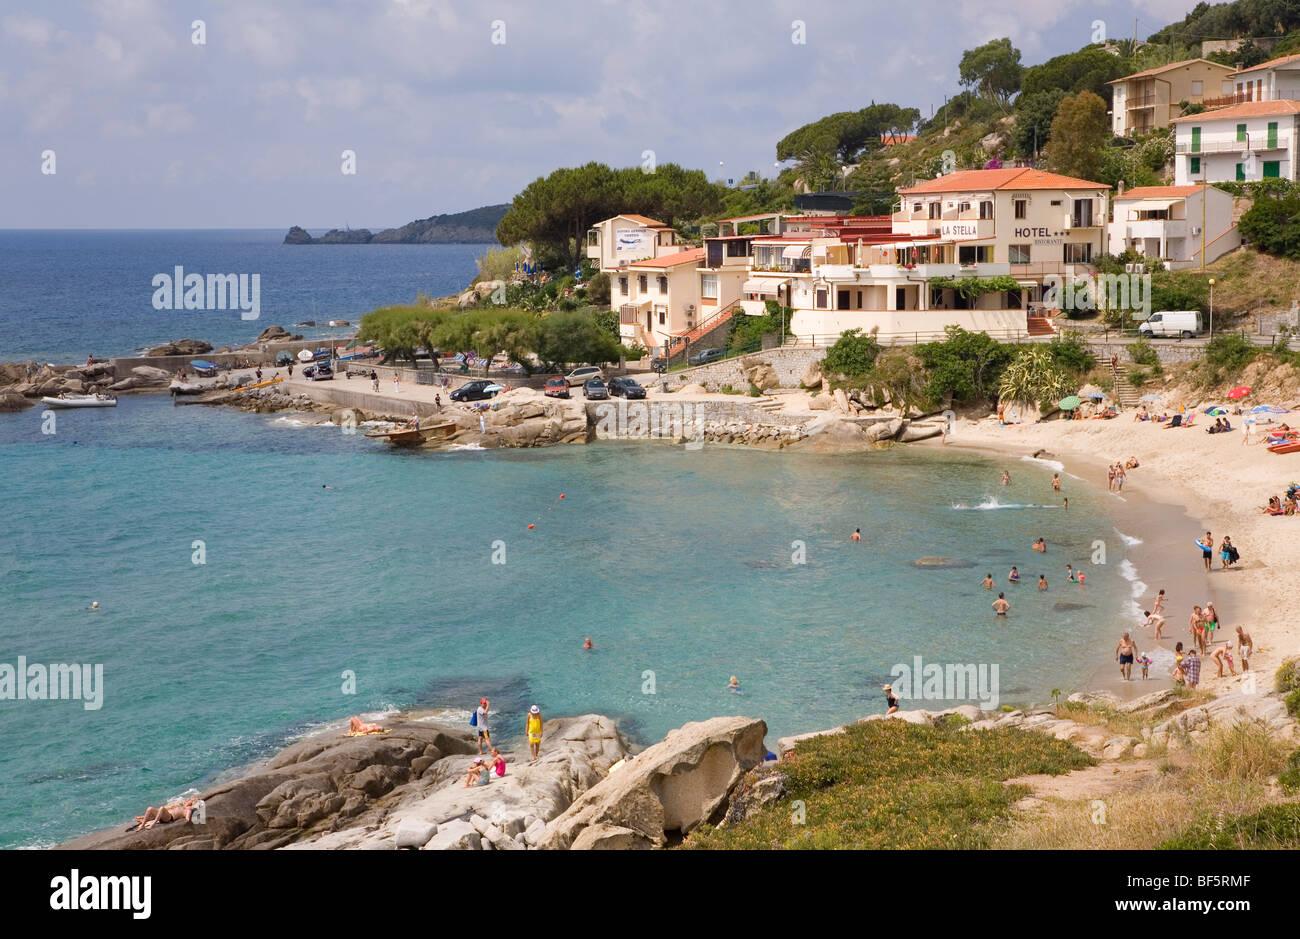 Hotel La Stella Bucht Strand Seccheto Insel Elba Toskana